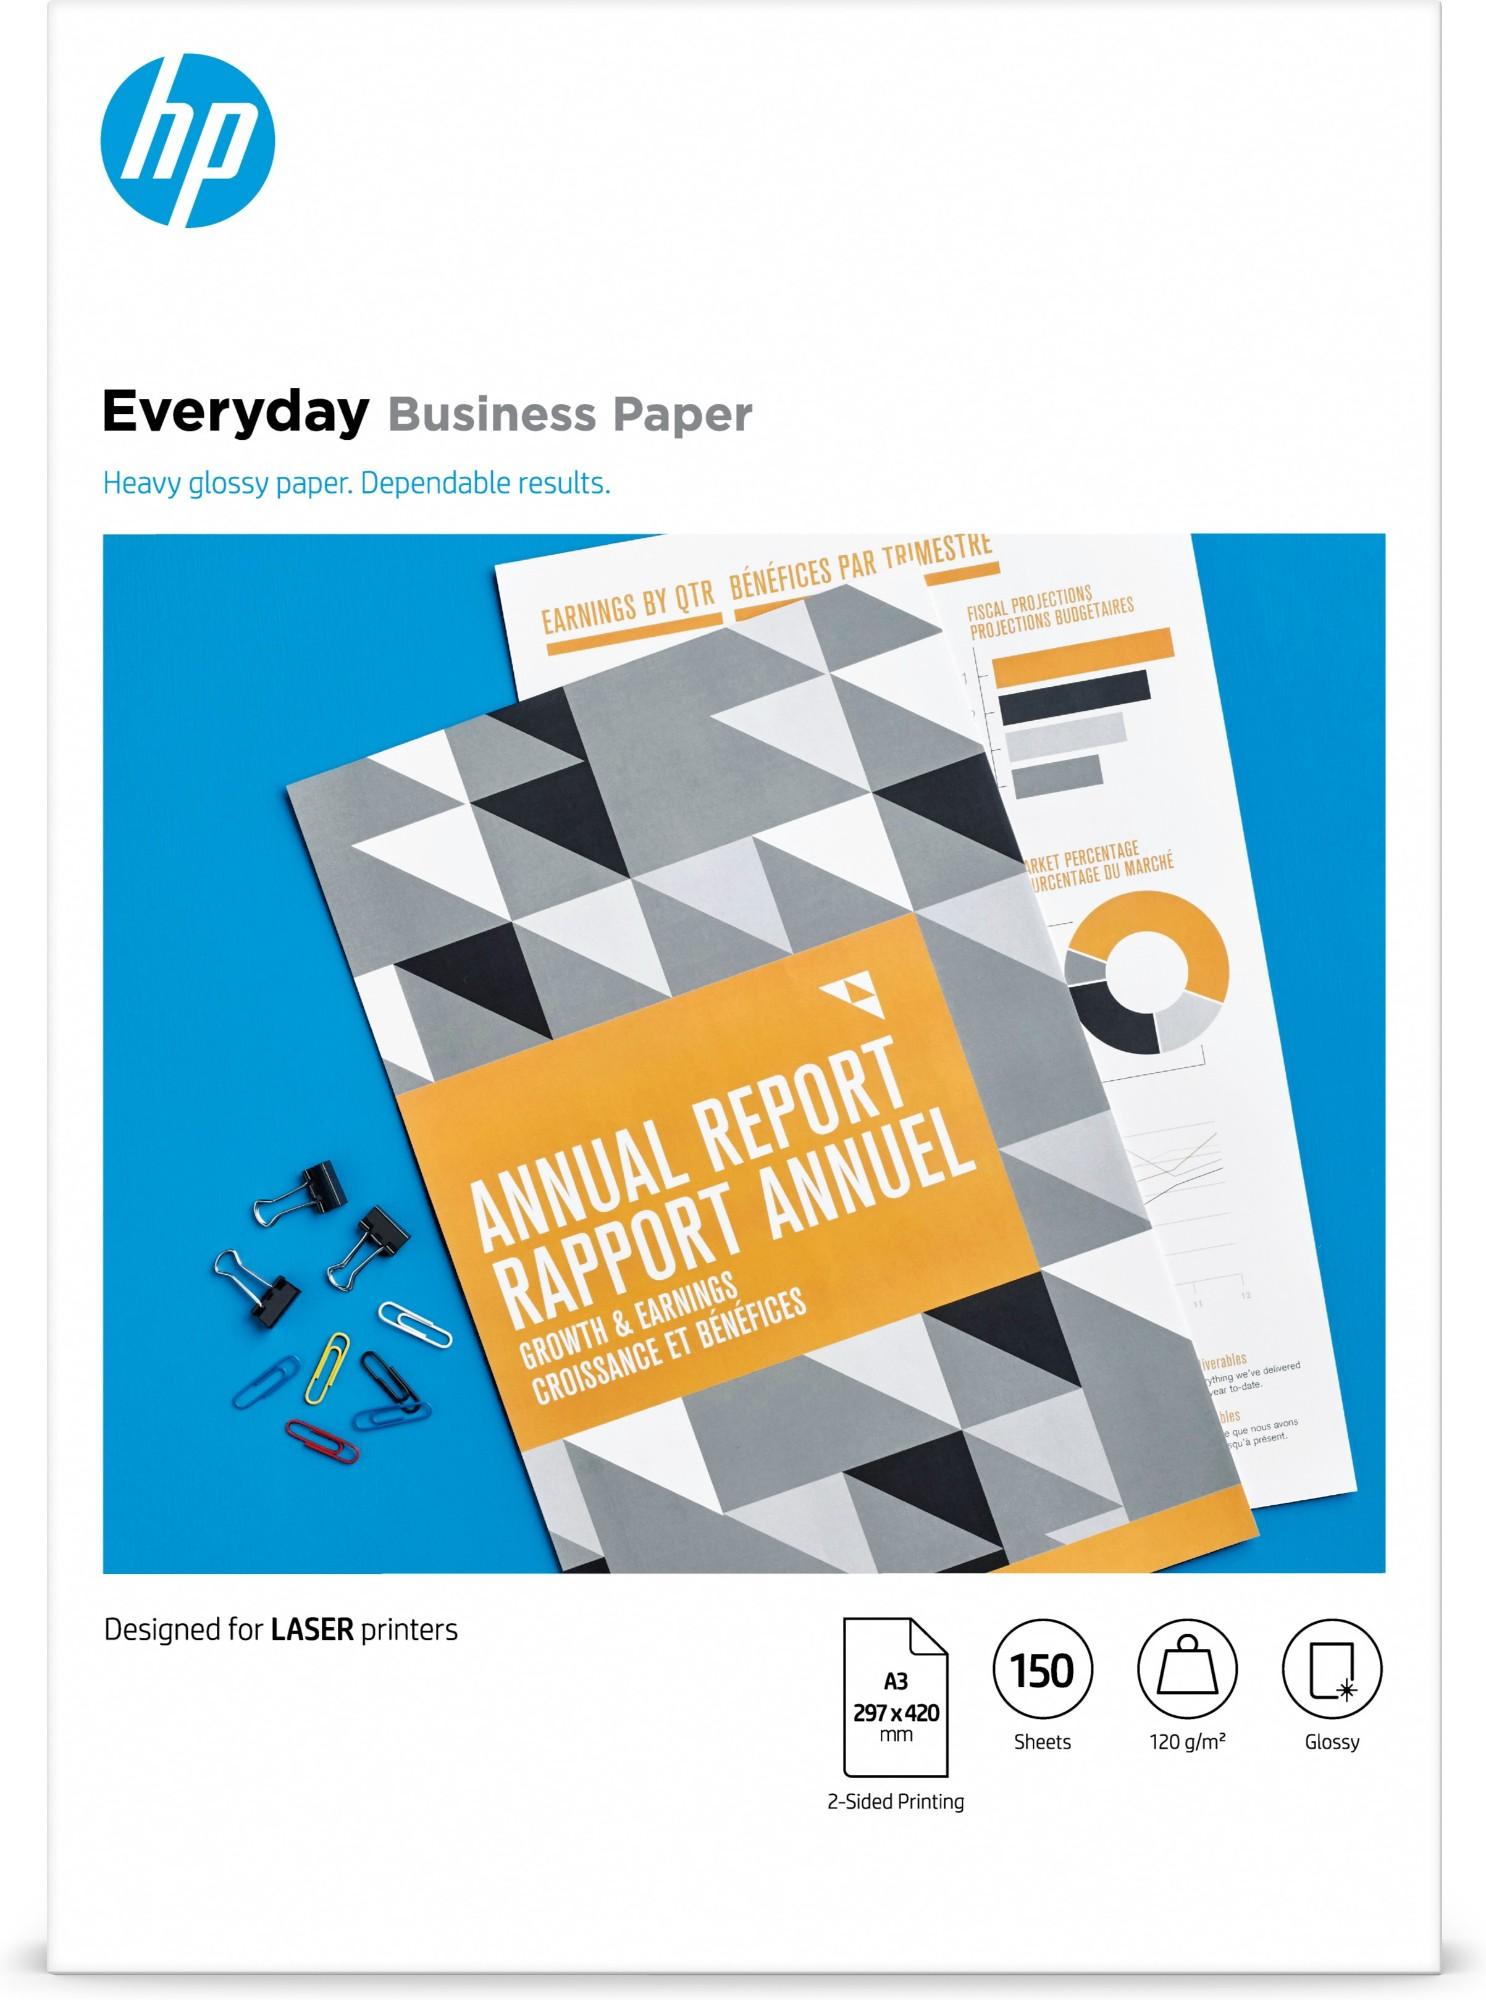 HP Everyday Laser Glossy FSC Paper 120 gsm-150 sht/A3/297 x 420 mm papel para impresora de inyección de tinta A3 (297x420 mm) Brillo 150 hojas Blanco